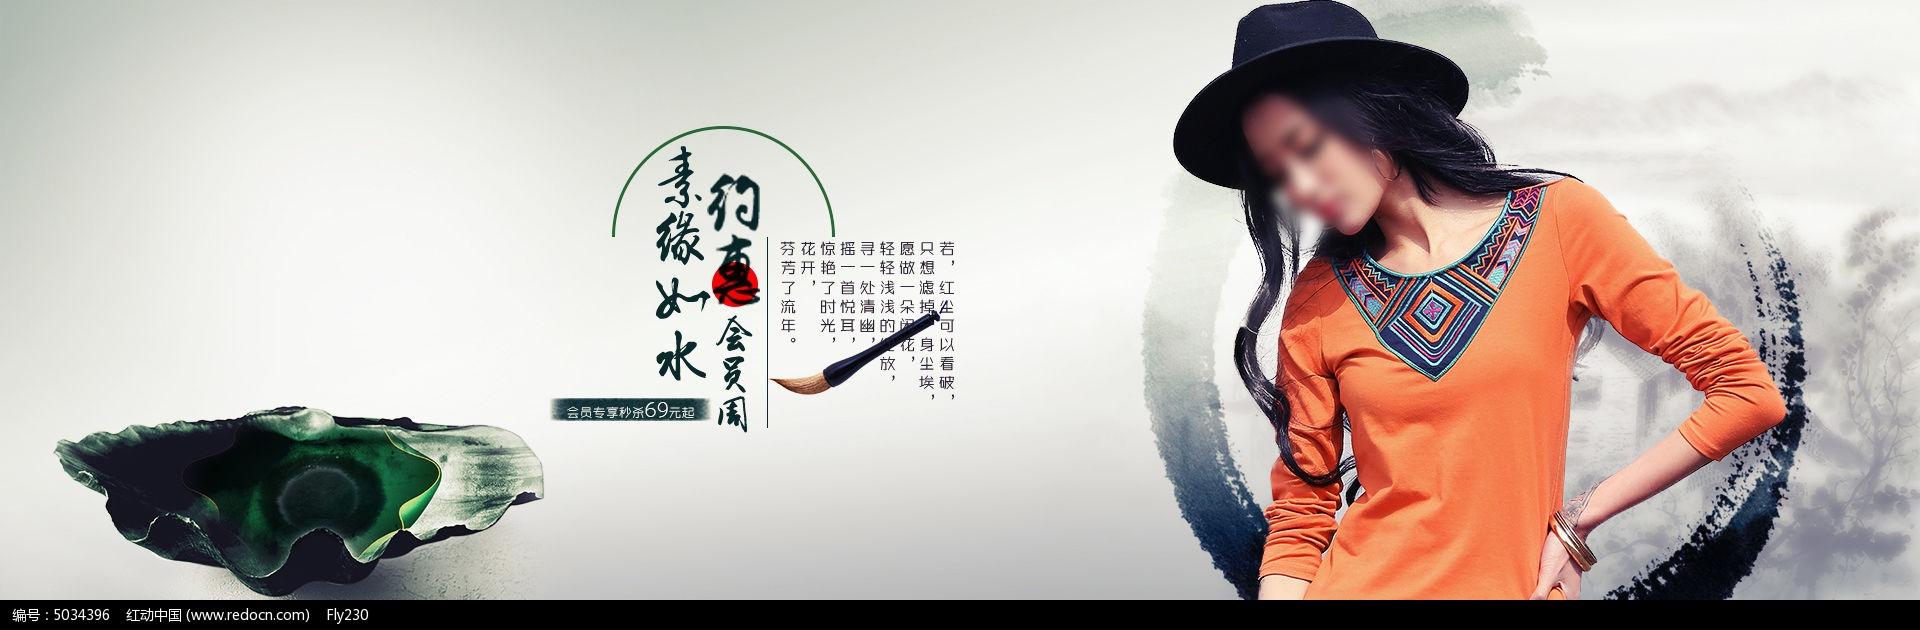 淘宝天猫网店民族风女装海报模板